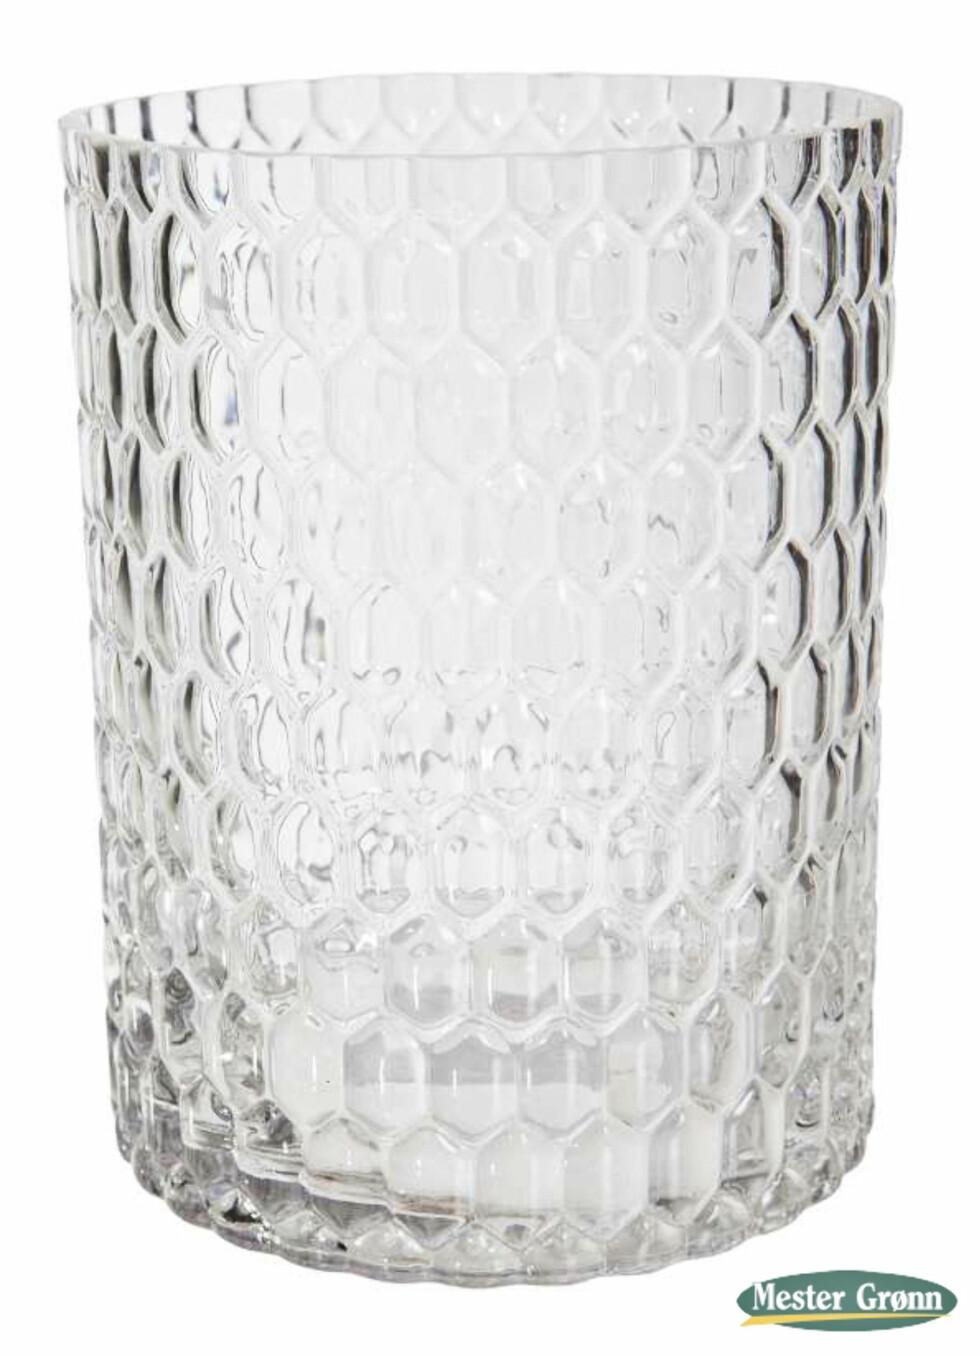 Glassvasen «Låtefoss», 20cm høy (kr 120, Mester Grønn). Foto: Produsenten